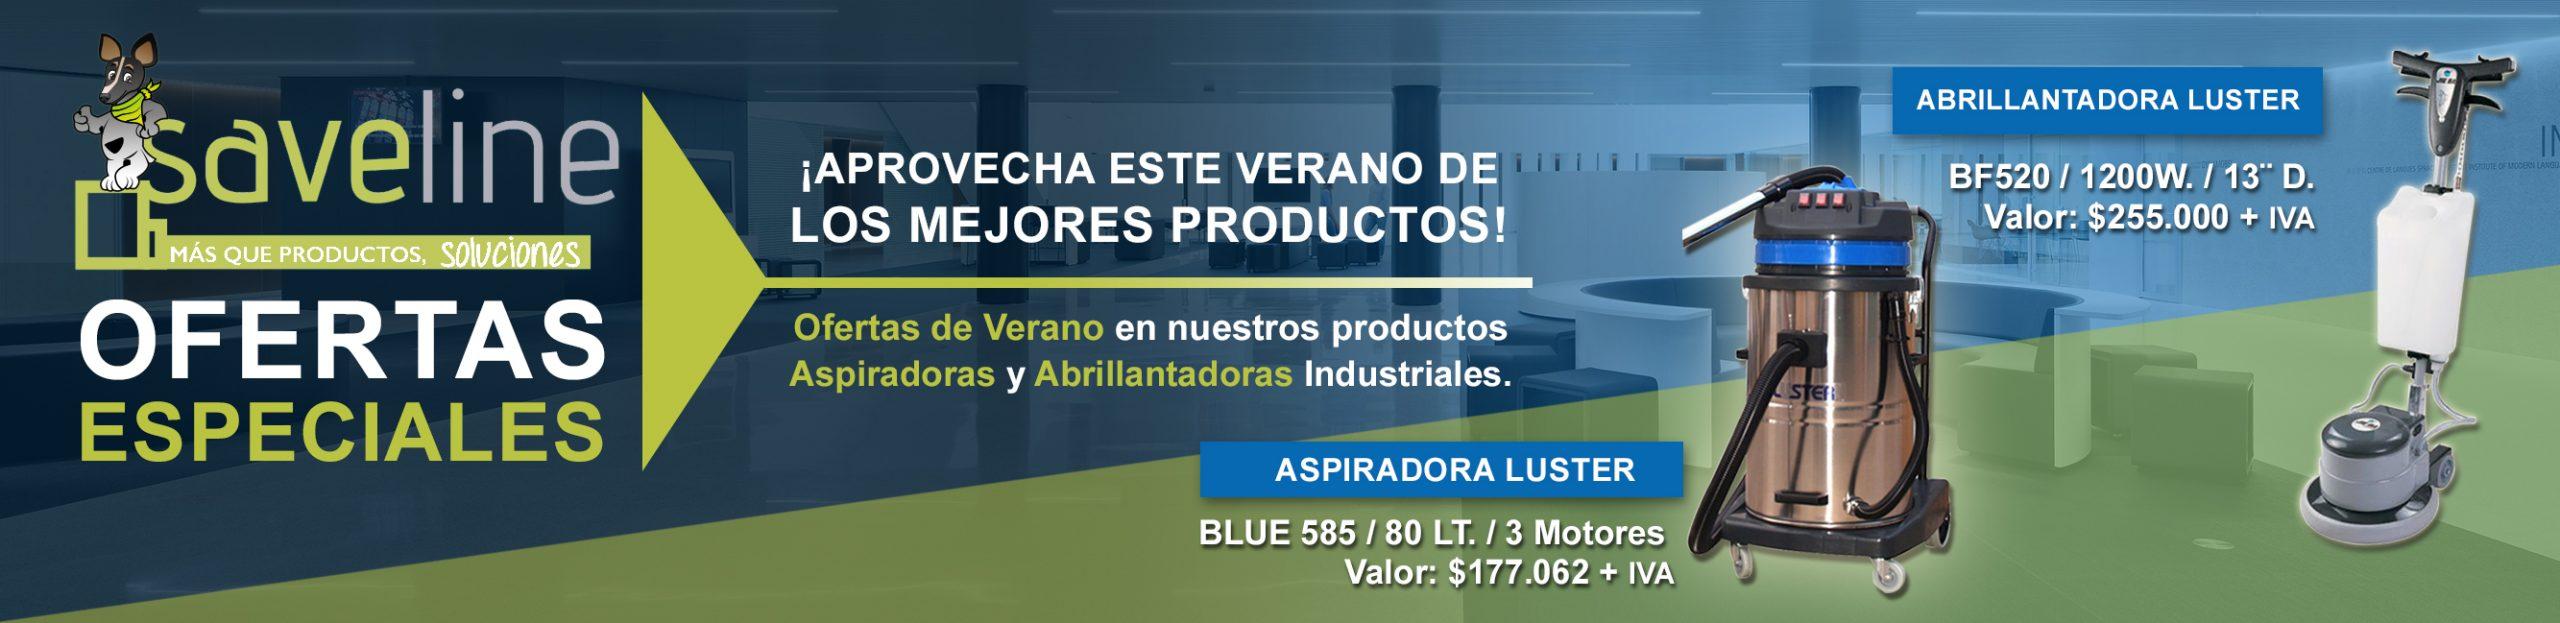 Banner PROMO ABRILLANTADORA-ASPIRADORA21212